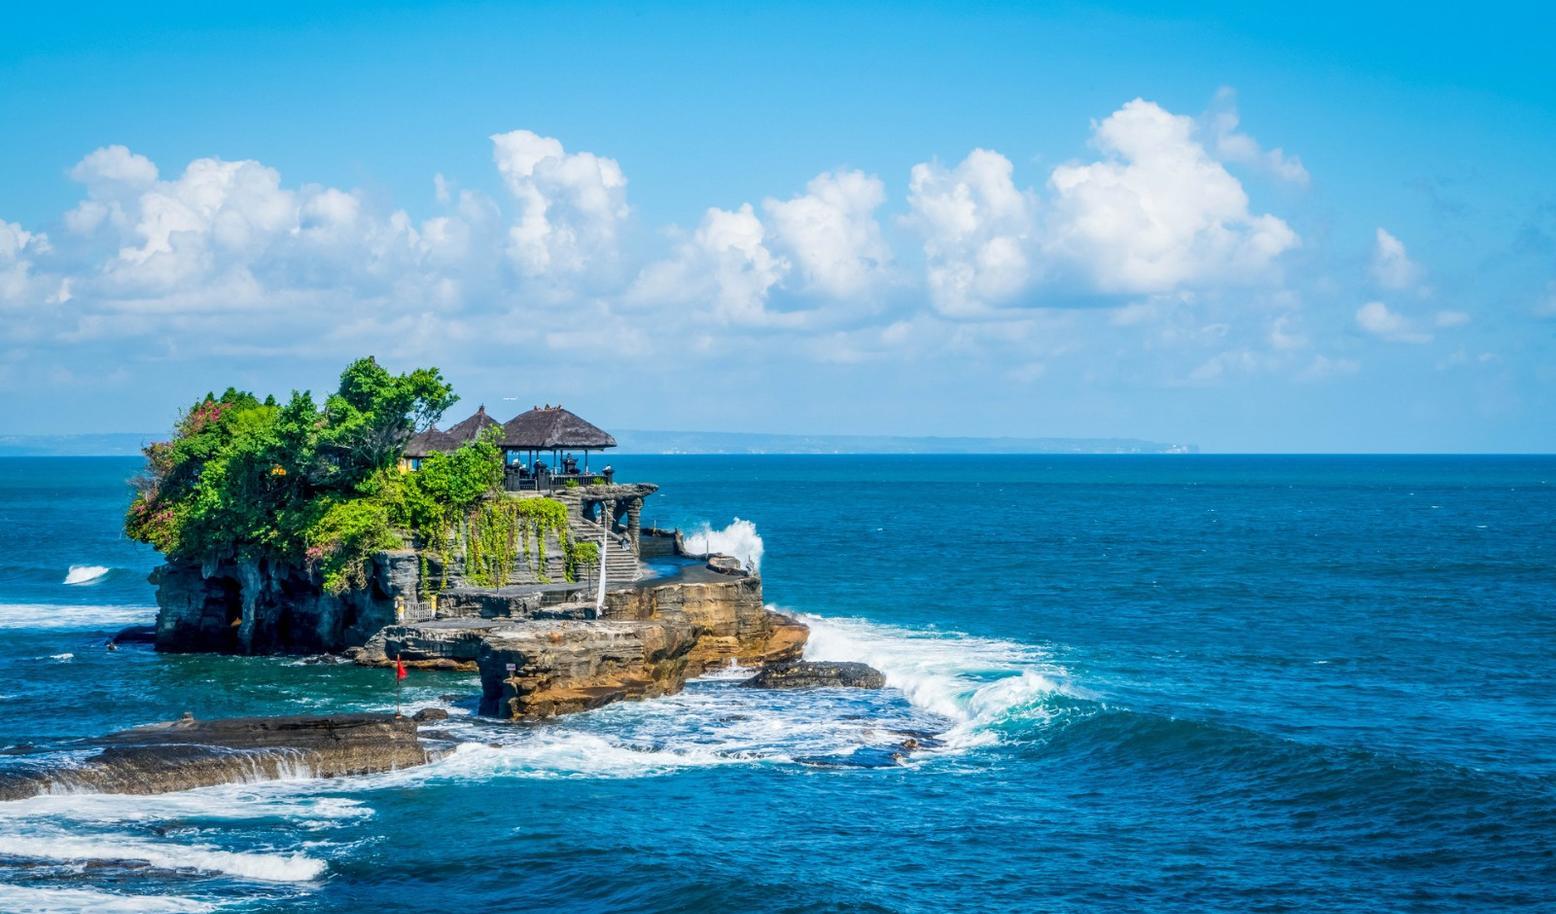 印尼巴厘岛9月向外国游客重新开放,旅游业重启分三阶段进行